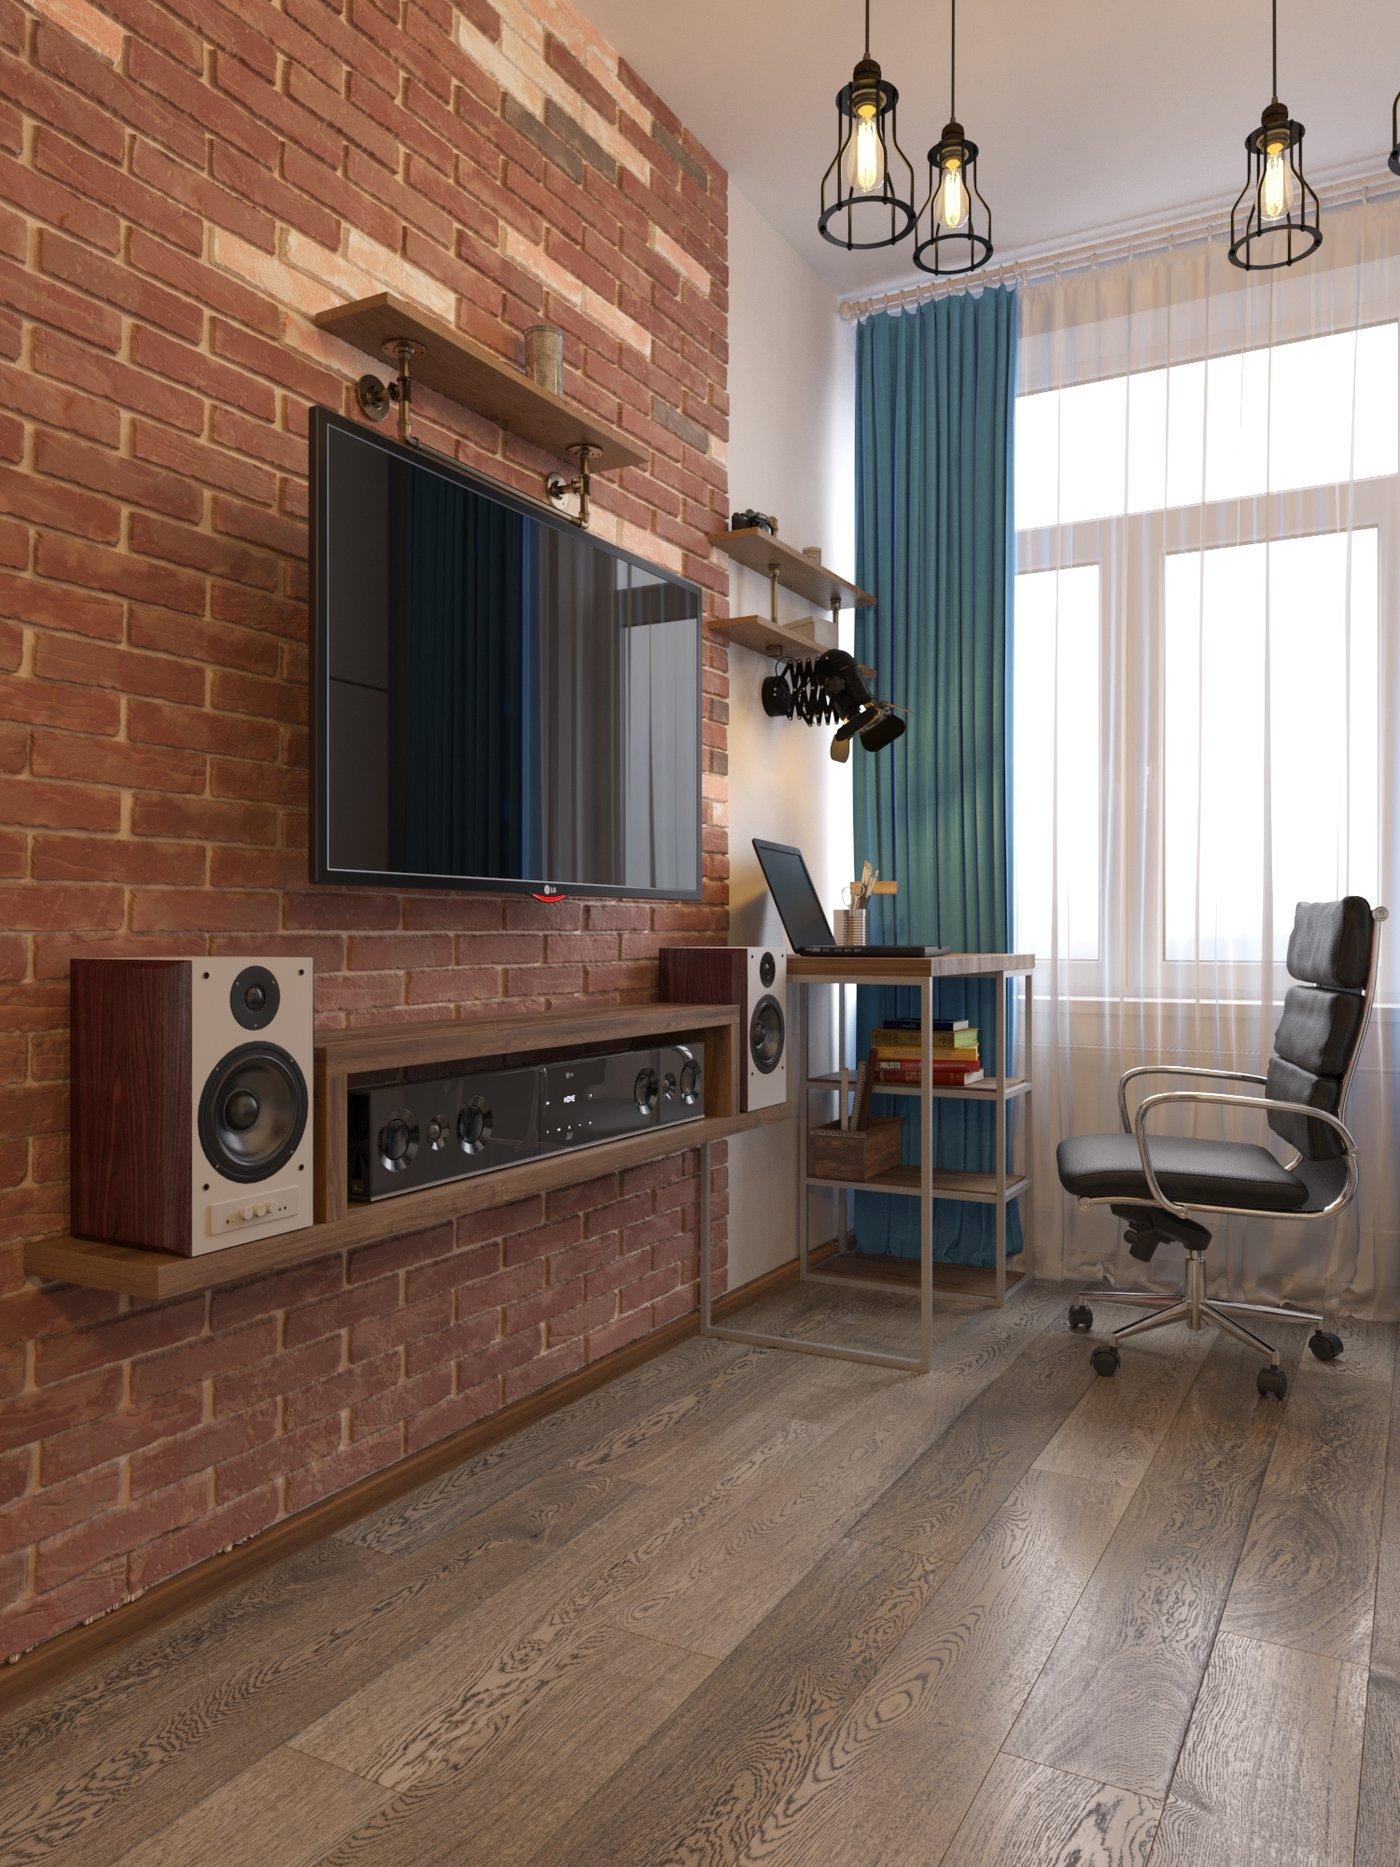 Loft Studio 4 hokkey fan